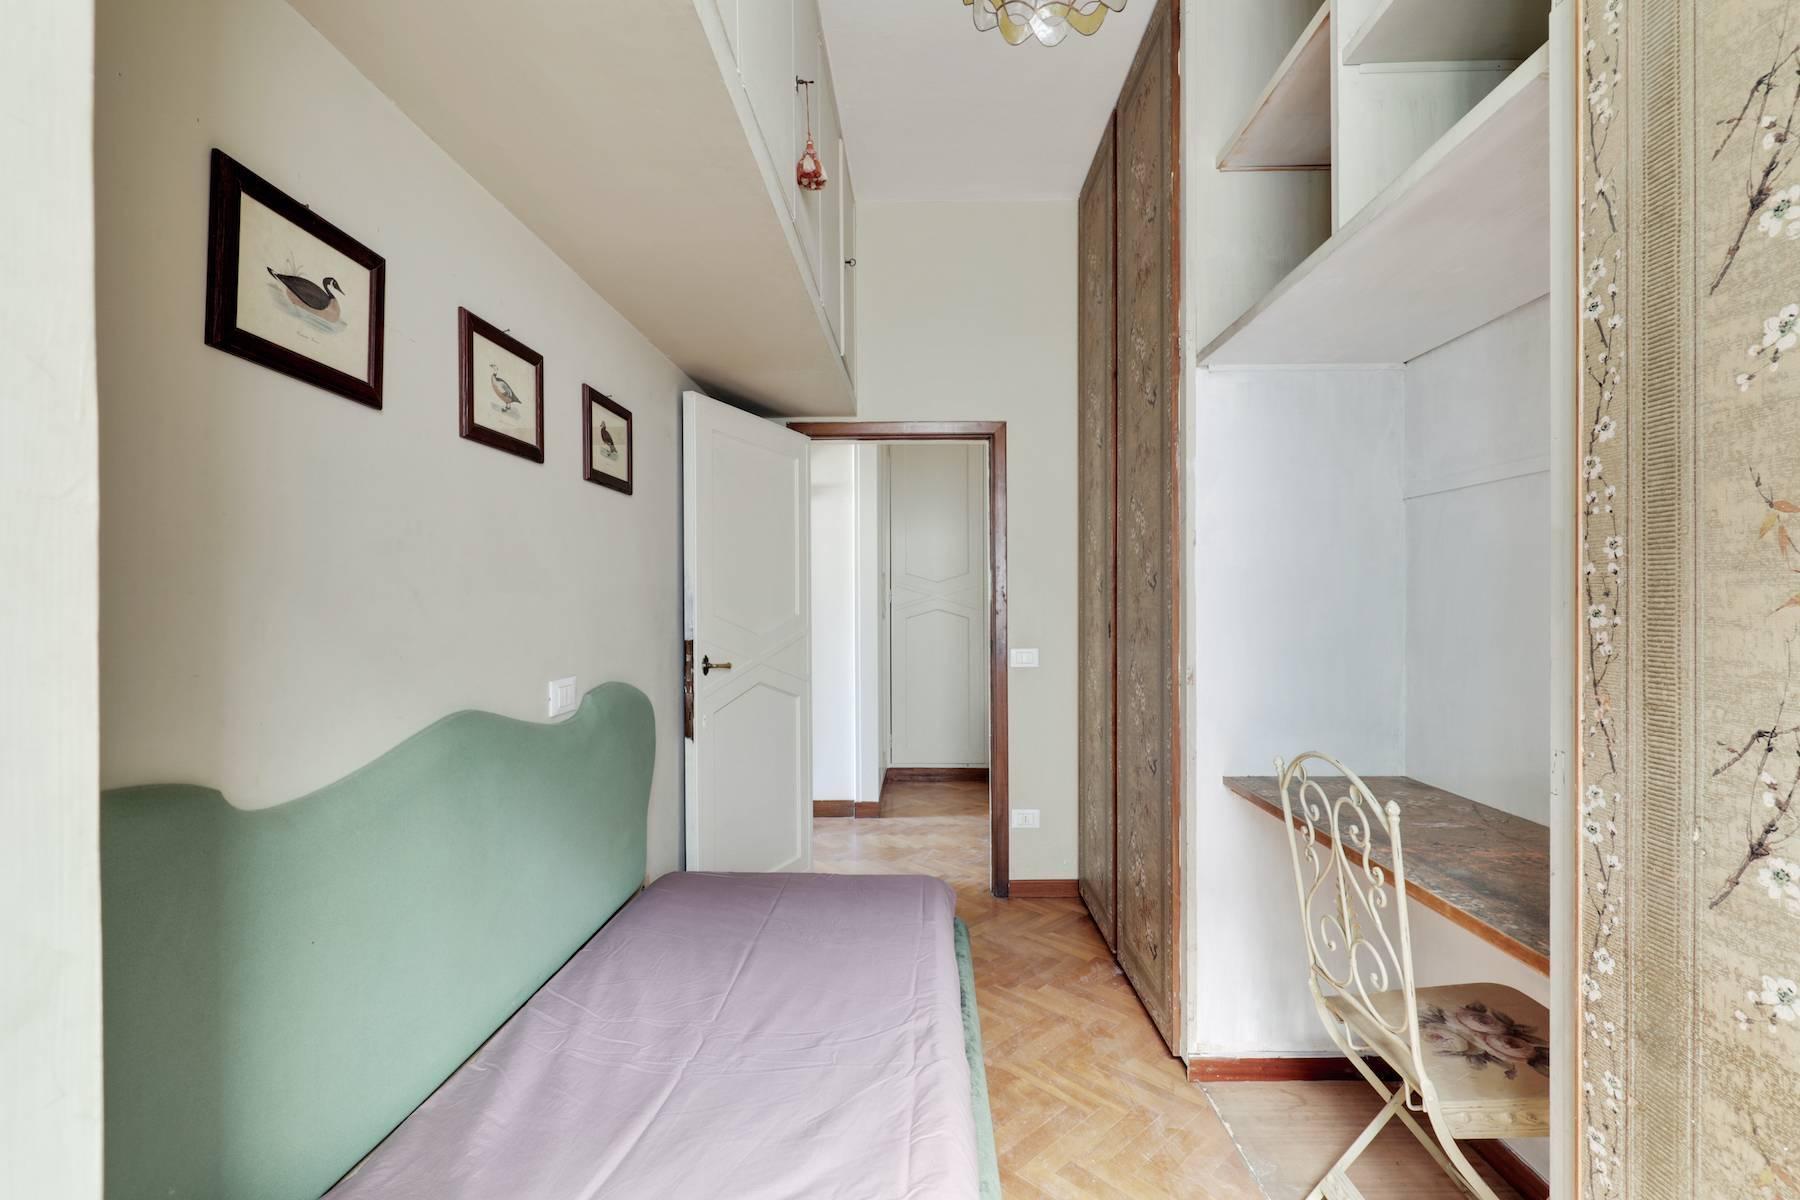 Шикарные апартаменты рядом с Понте Веккьо - 17